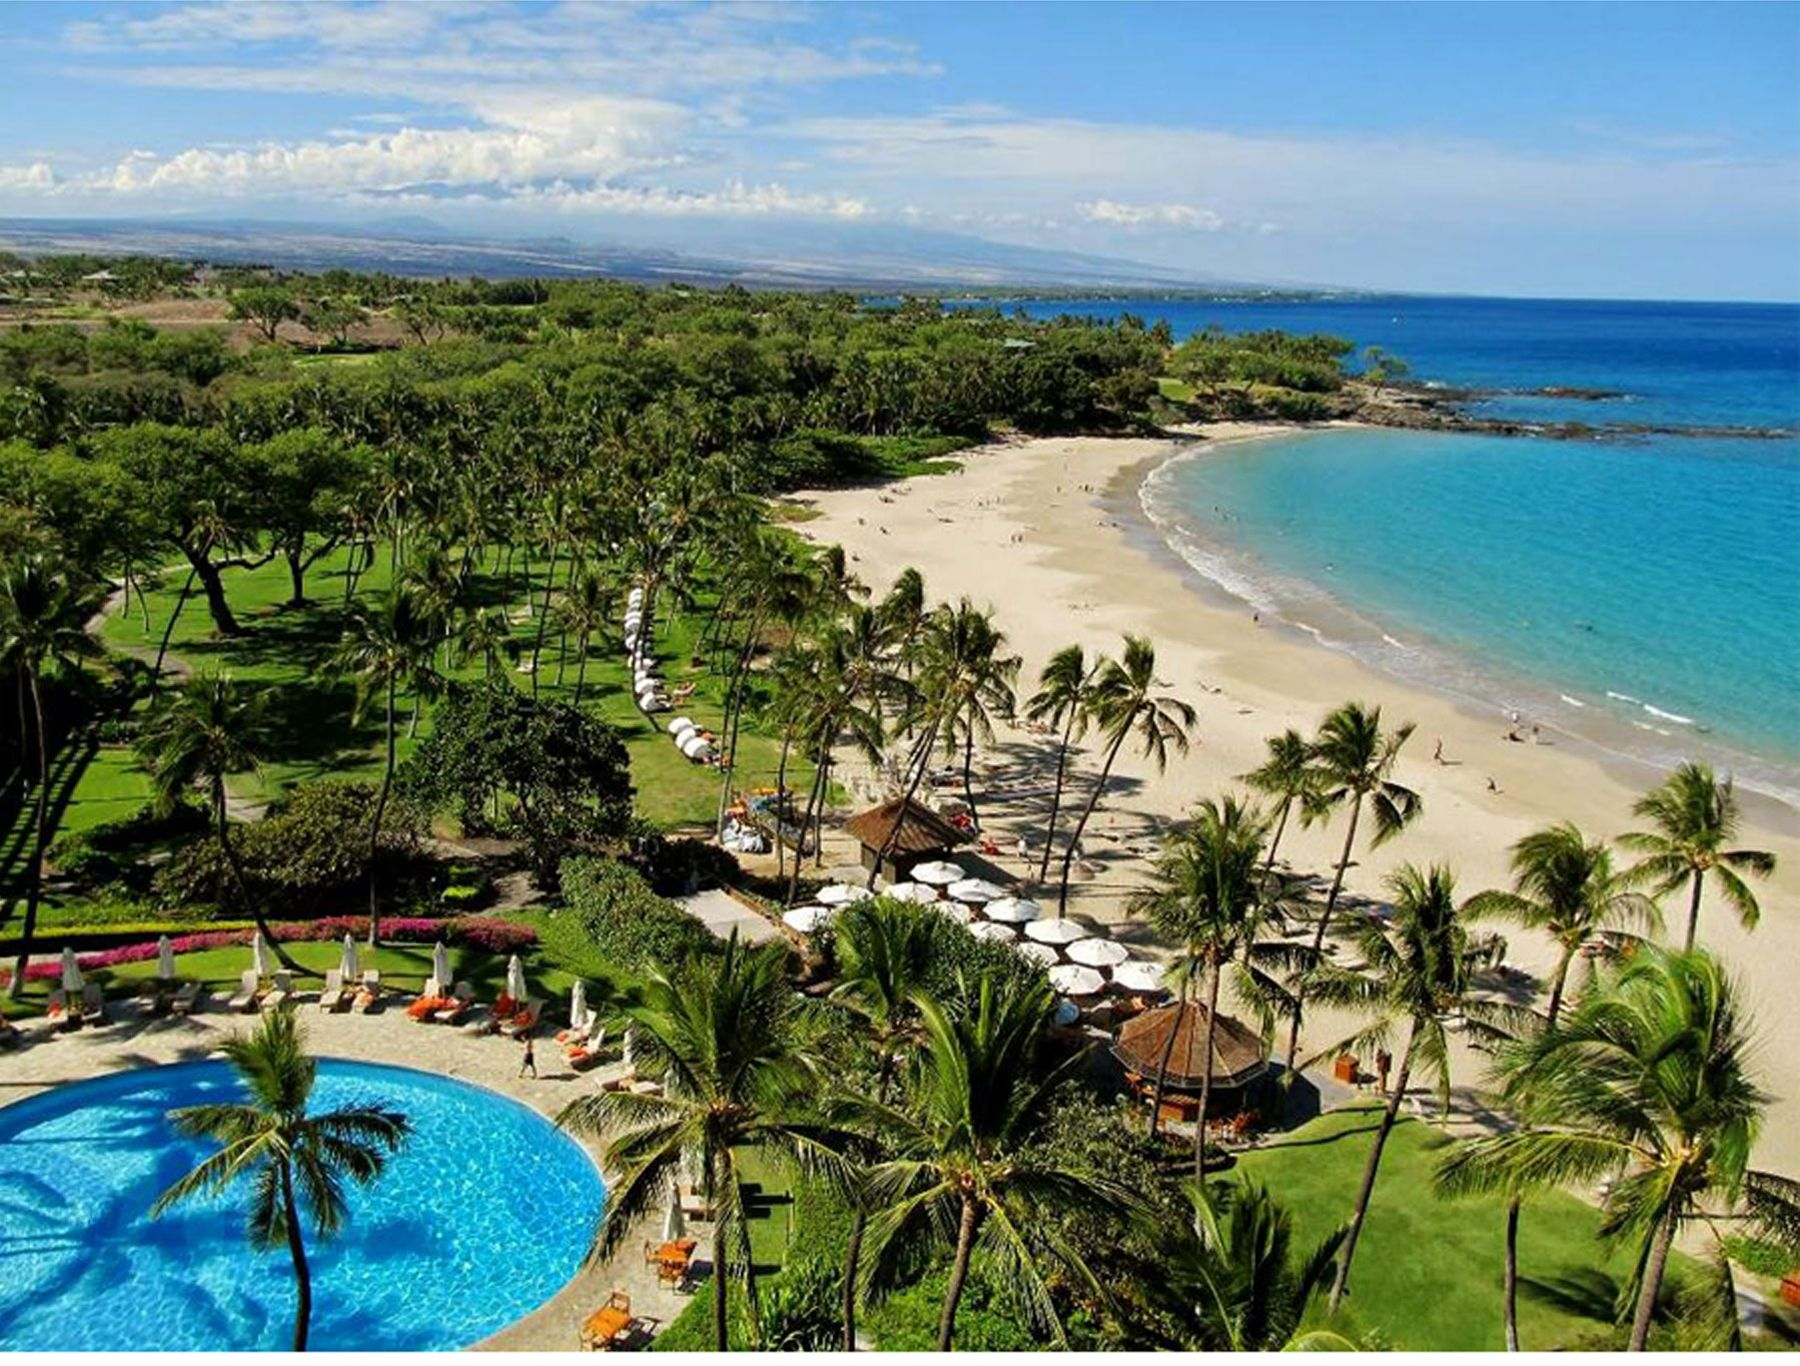 Ceci Style Hawaii Beaches Big Island Hawaii Hawaii Vacation